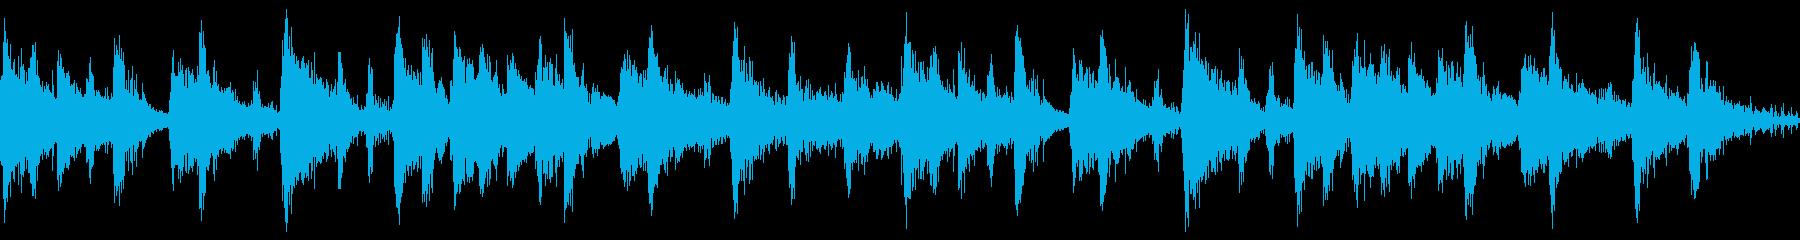 スクラッチ音とピアノのサウンドロゴの再生済みの波形